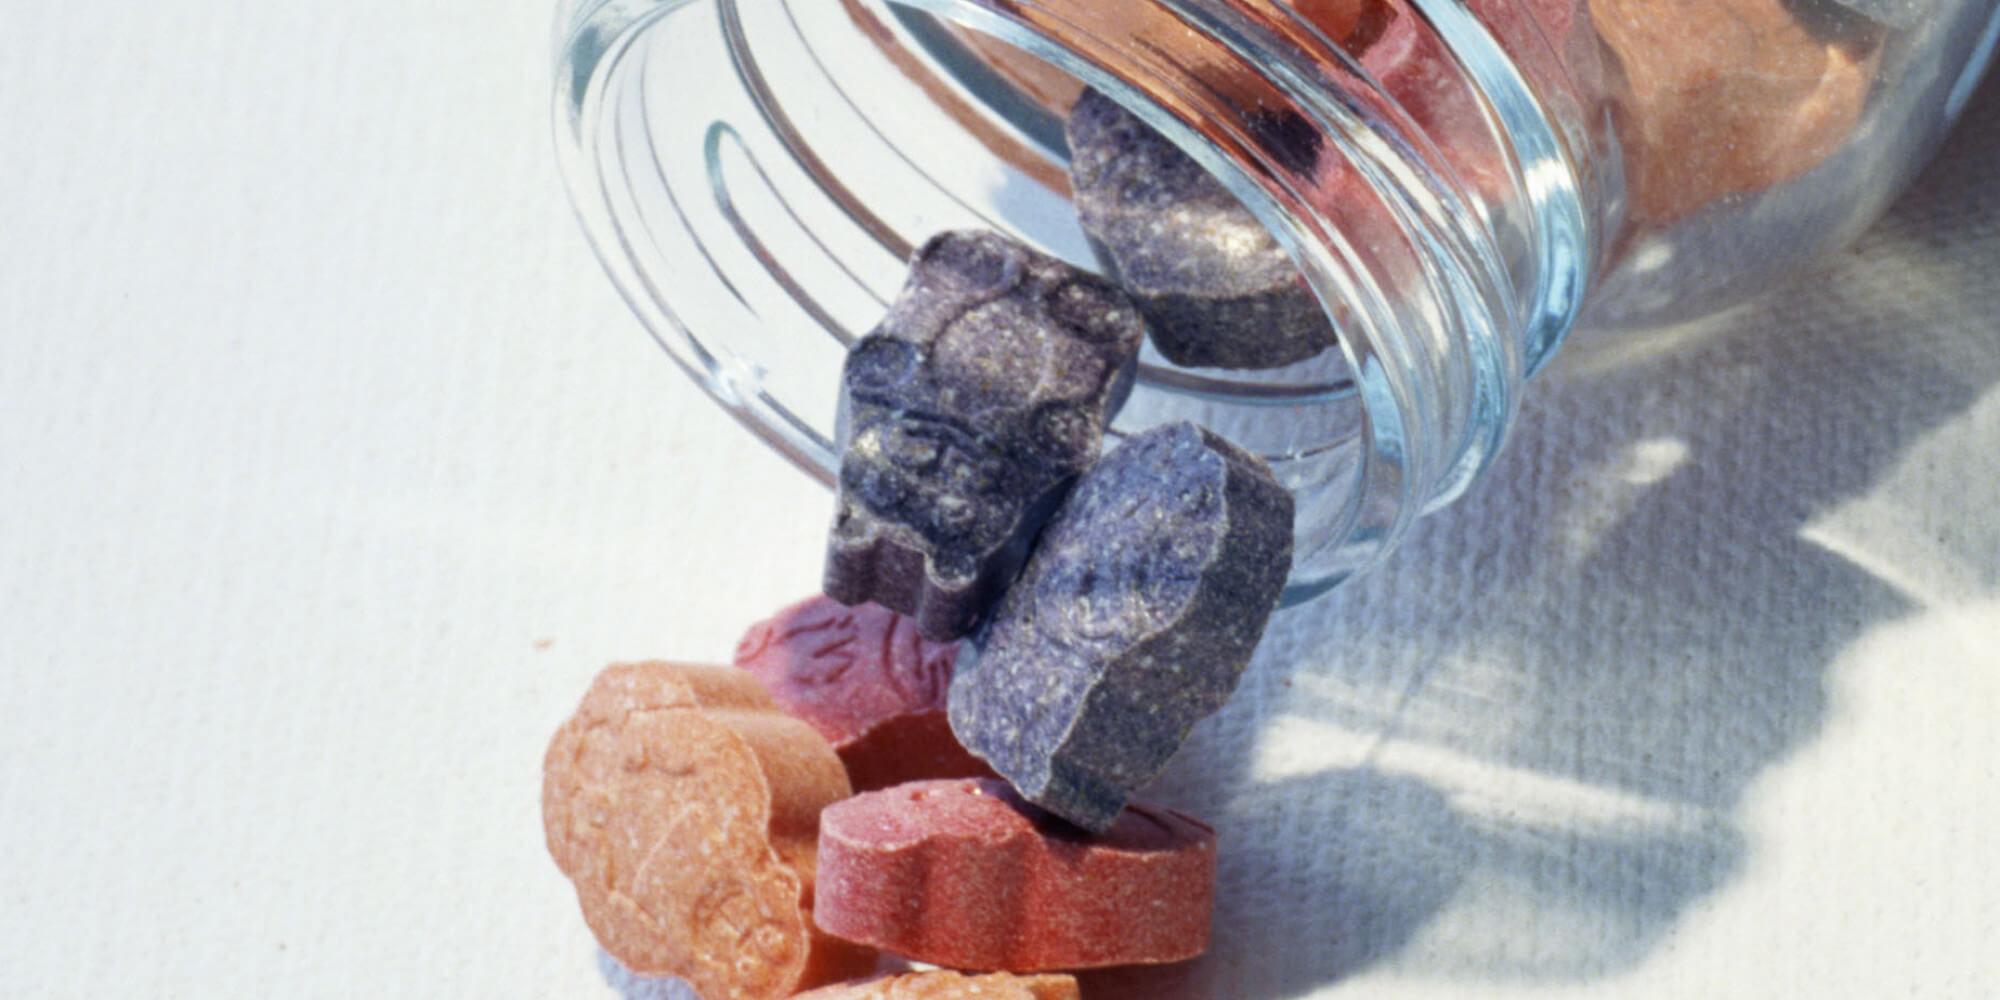 metale ne vitamina, vitamina per femije